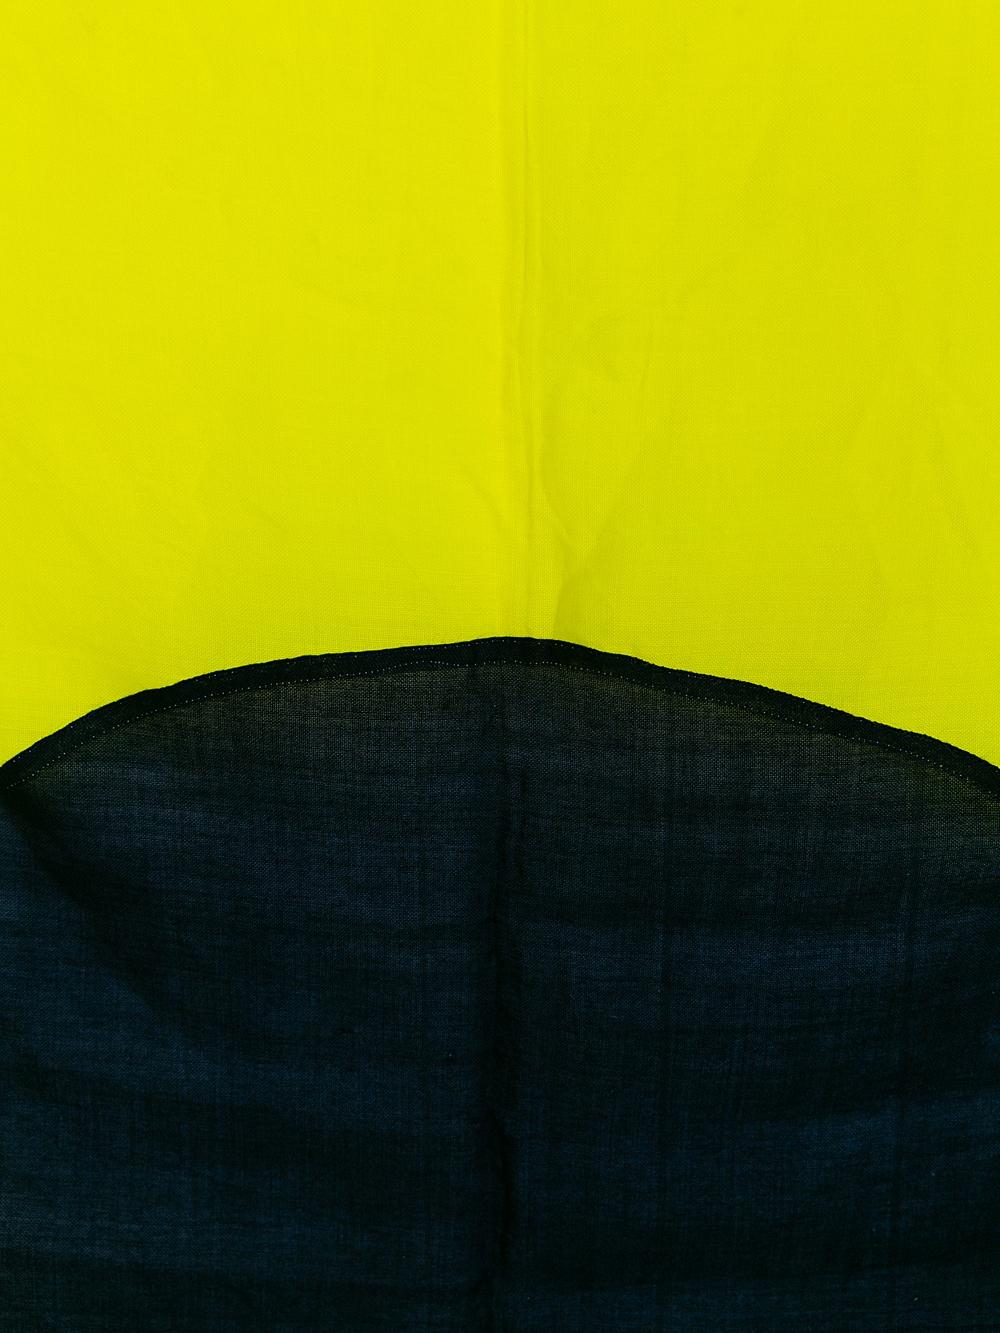 Flag I #5920